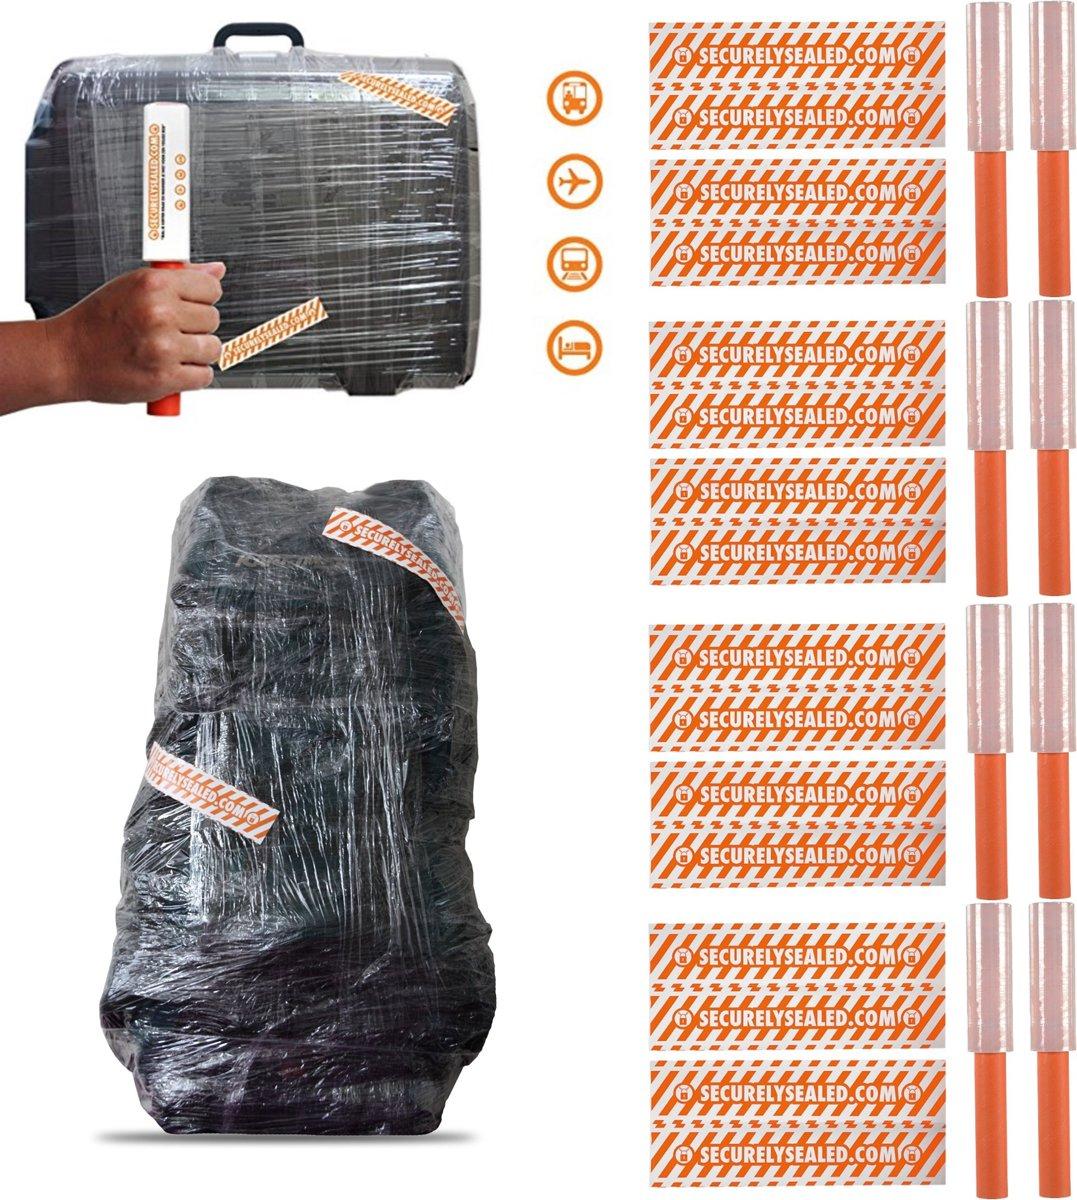 SecurelySealed Doe-het-zelf koffersealer (8 stuks) kopen